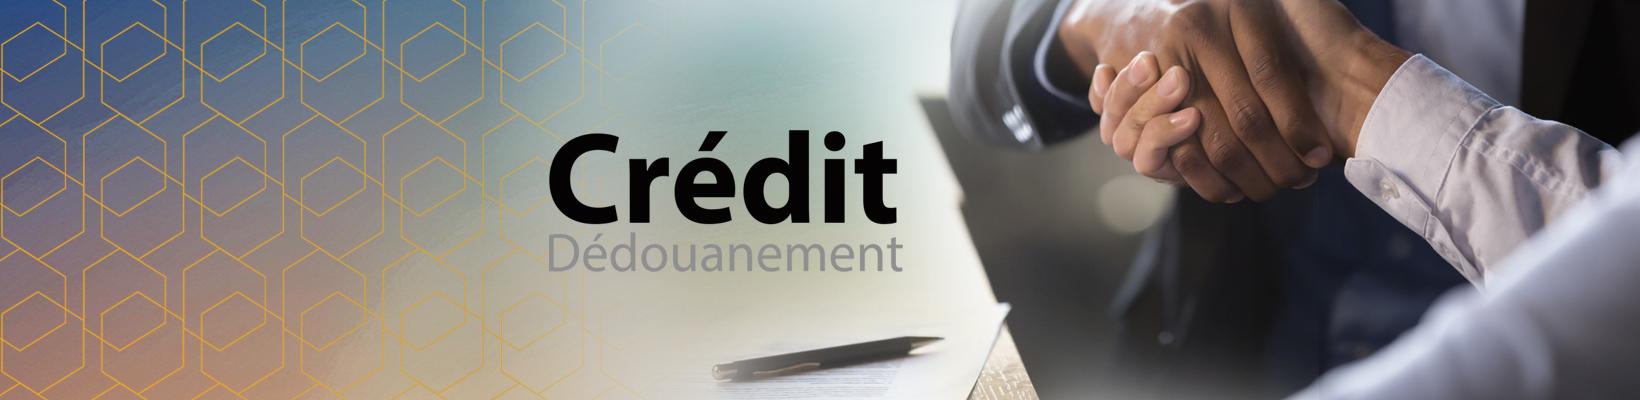 1640x400-credit-Dedouanement